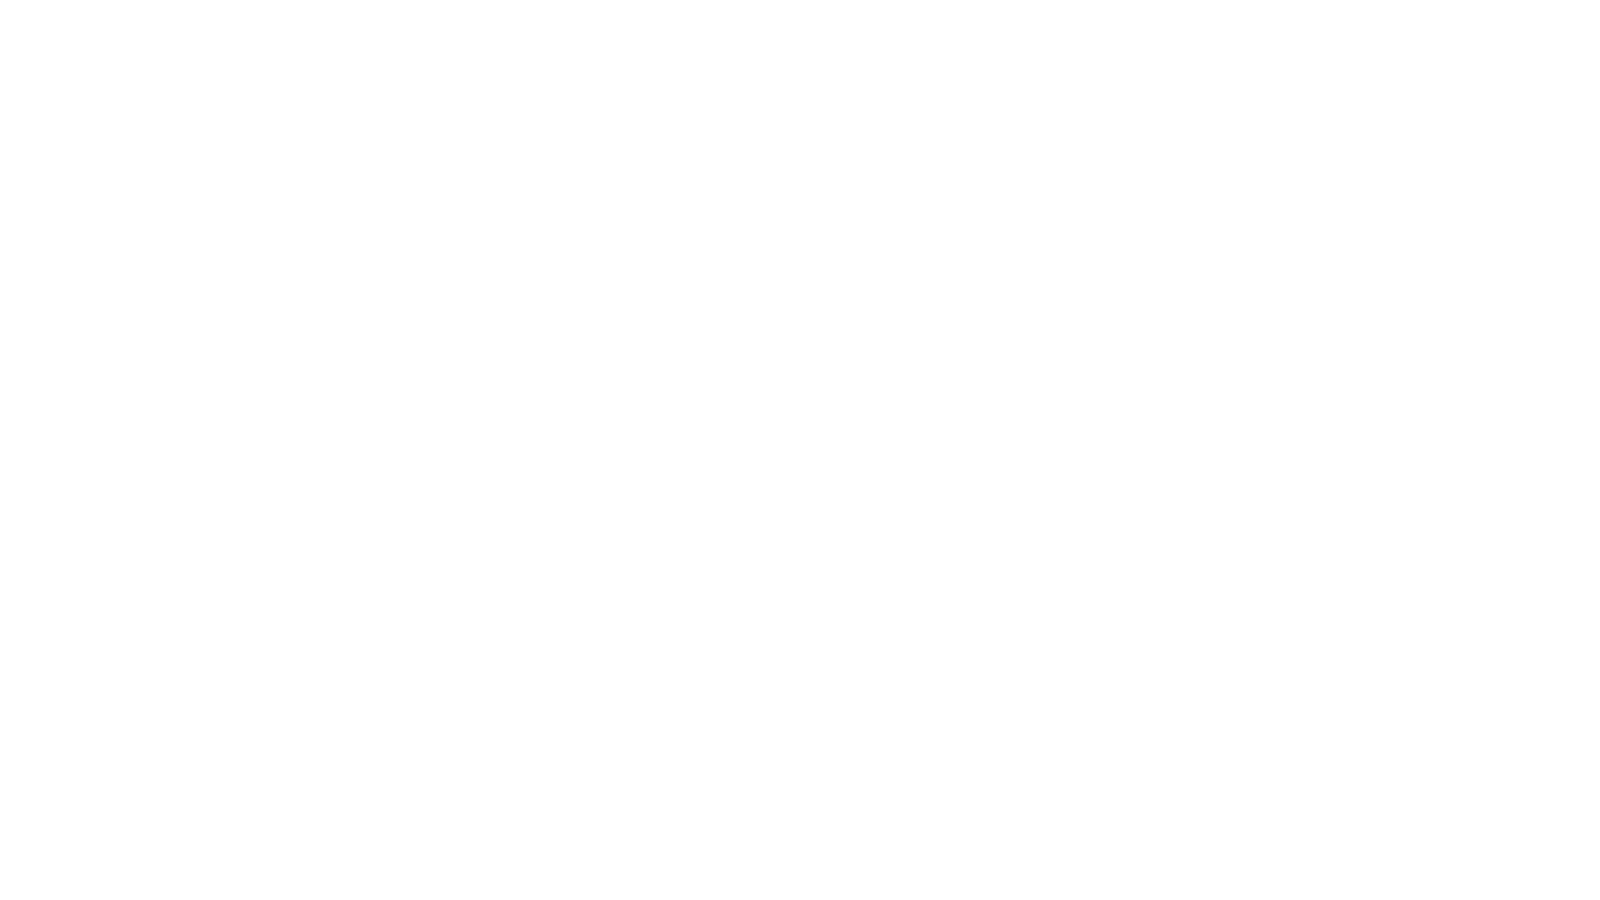 Desde la Secretaría de la Mujer, Diversidad e Igualdad les invitamos a la Capacitación Ley Micaela a cargo de la Mgter. Mónica Macha, destinada a legisladoras/es y equipos técnicos del Poder Legislativo de la Provincia.